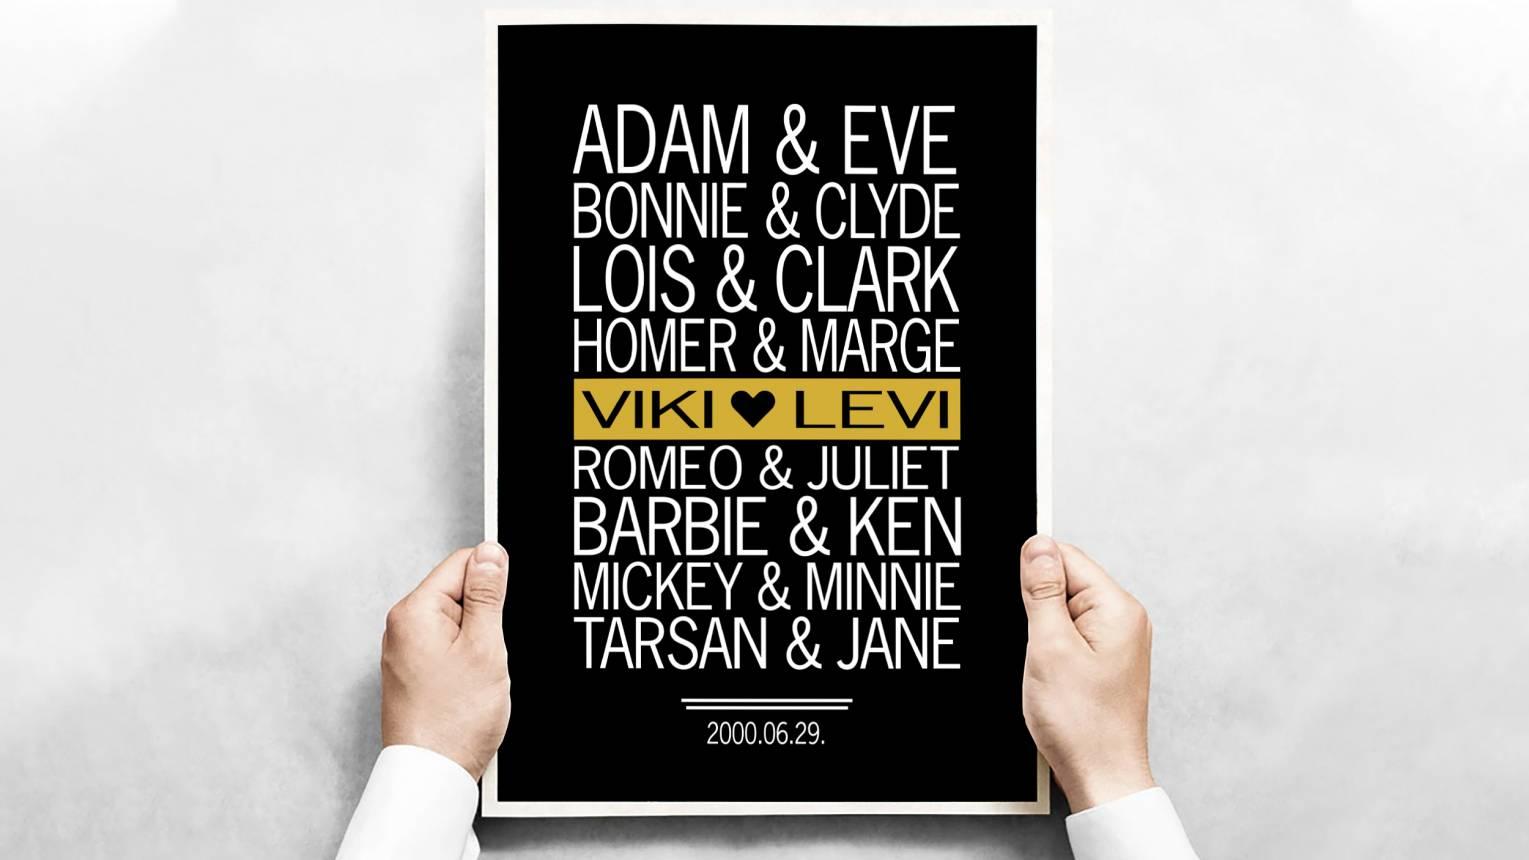 Nagy Szerelmesek plakát kedvesednek ajándékba